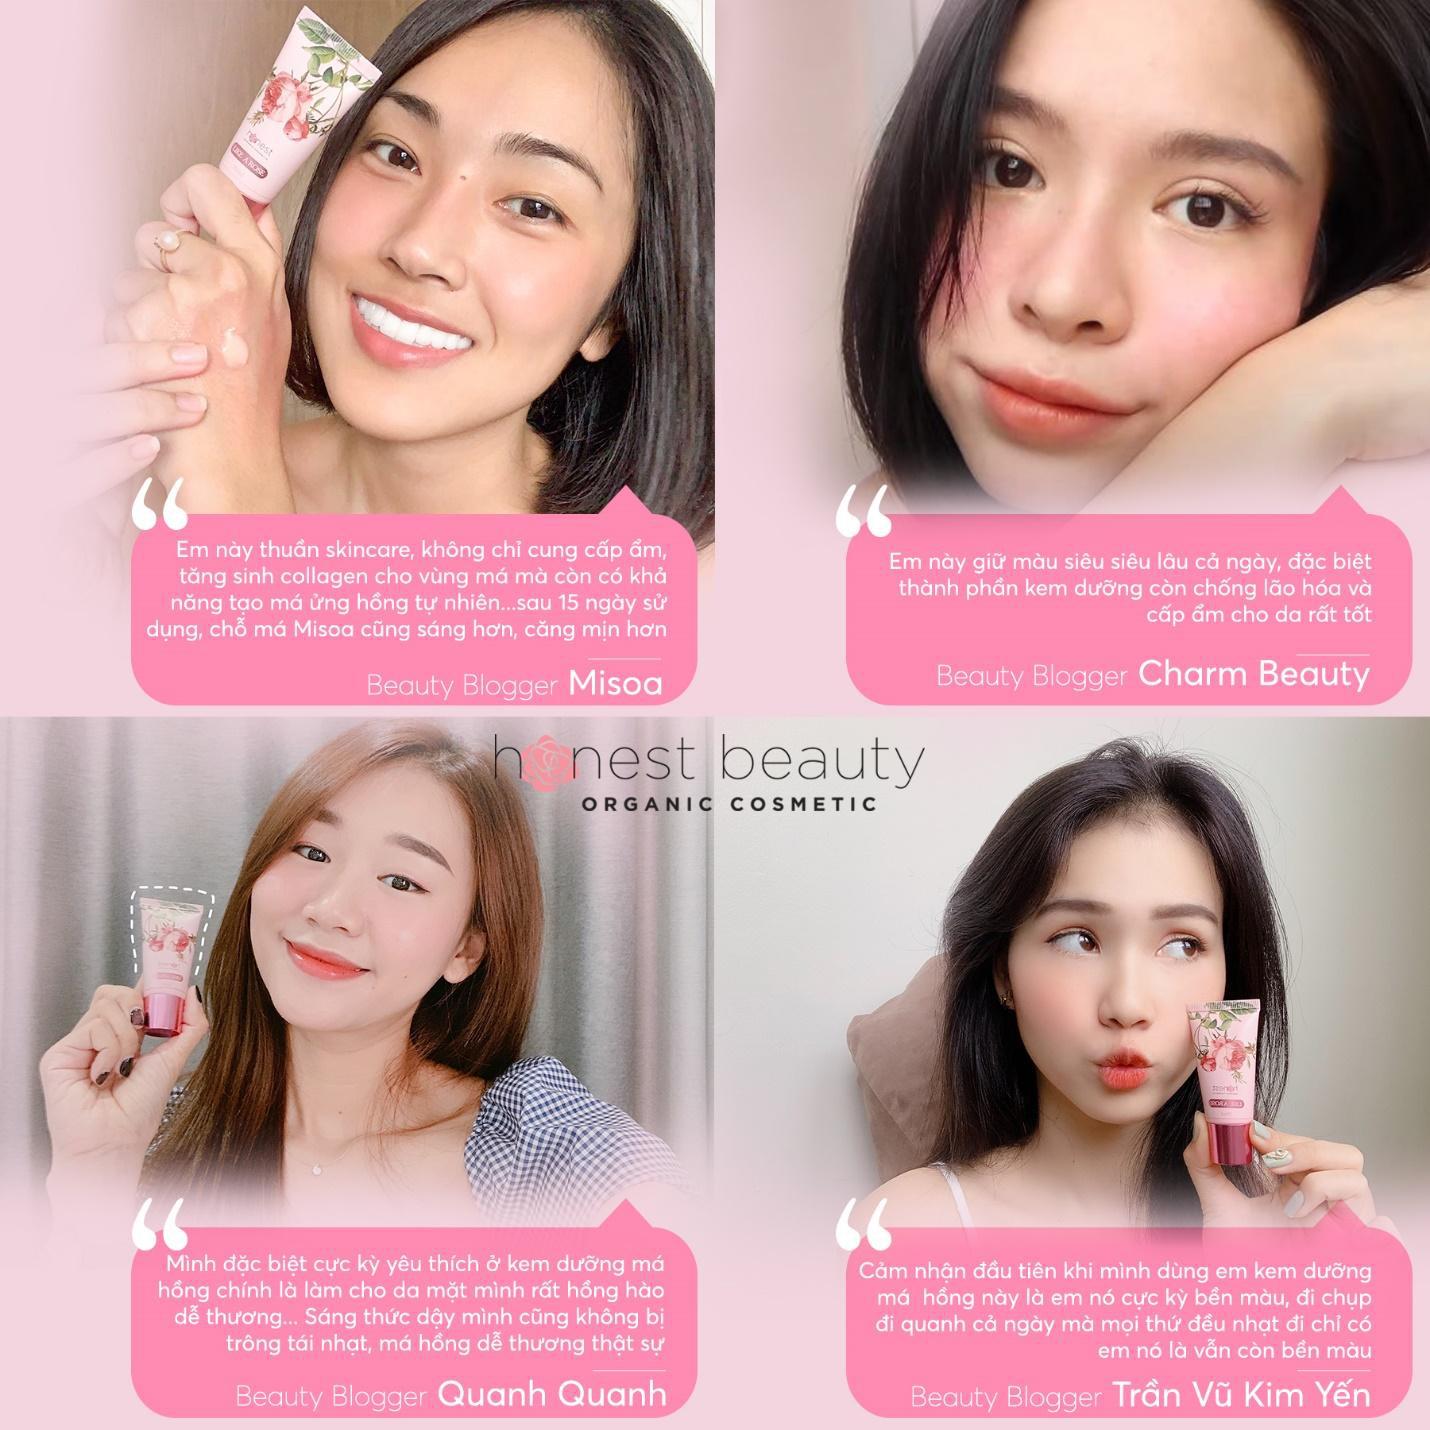 Giải mã cơn sốt kem dưỡng má hồng được hàng loạt beauty blogger săn đón - Ảnh 2.